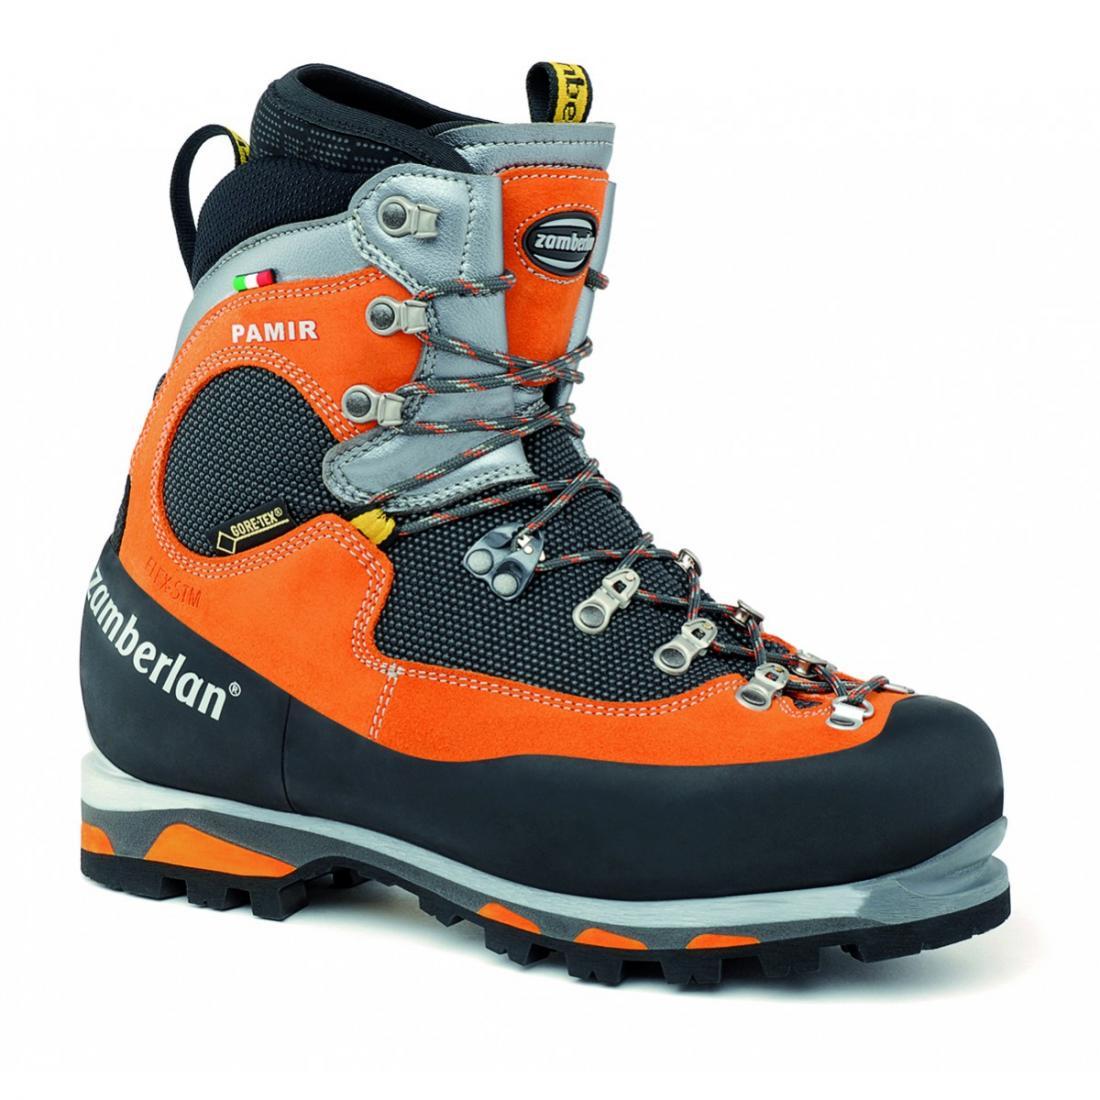 Ботинки 2080 PAMIR GTX RRАльпинистские<br><br><br>Цвет: Оранжевый<br>Размер: 44